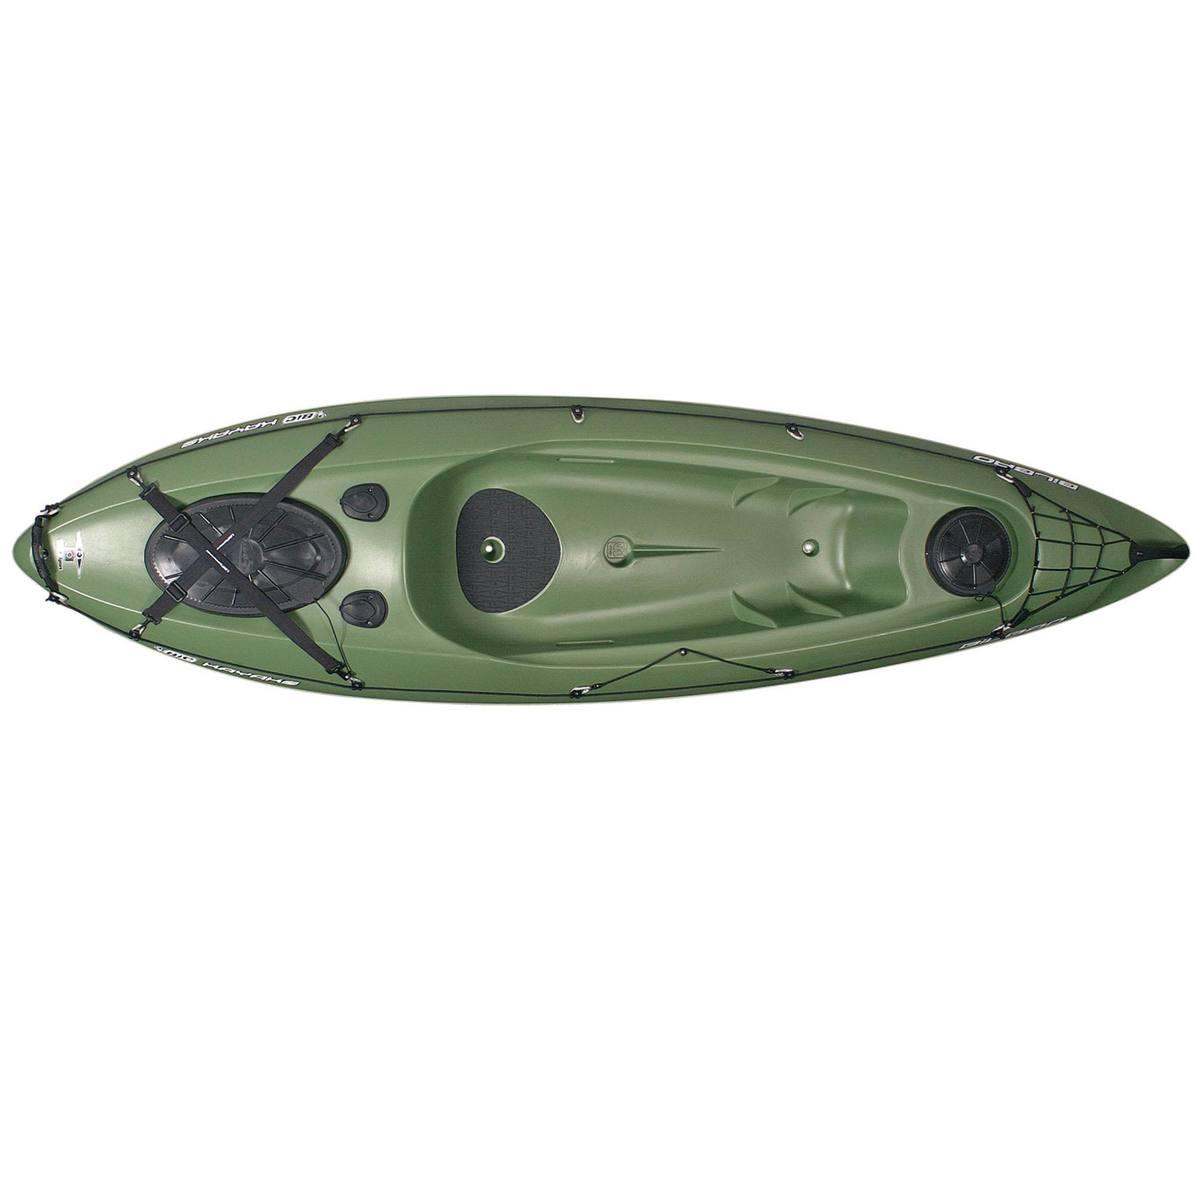 Bild 4 von Kajak Hartschale Angeln Bilbao Fishing 1-Sitzer grün